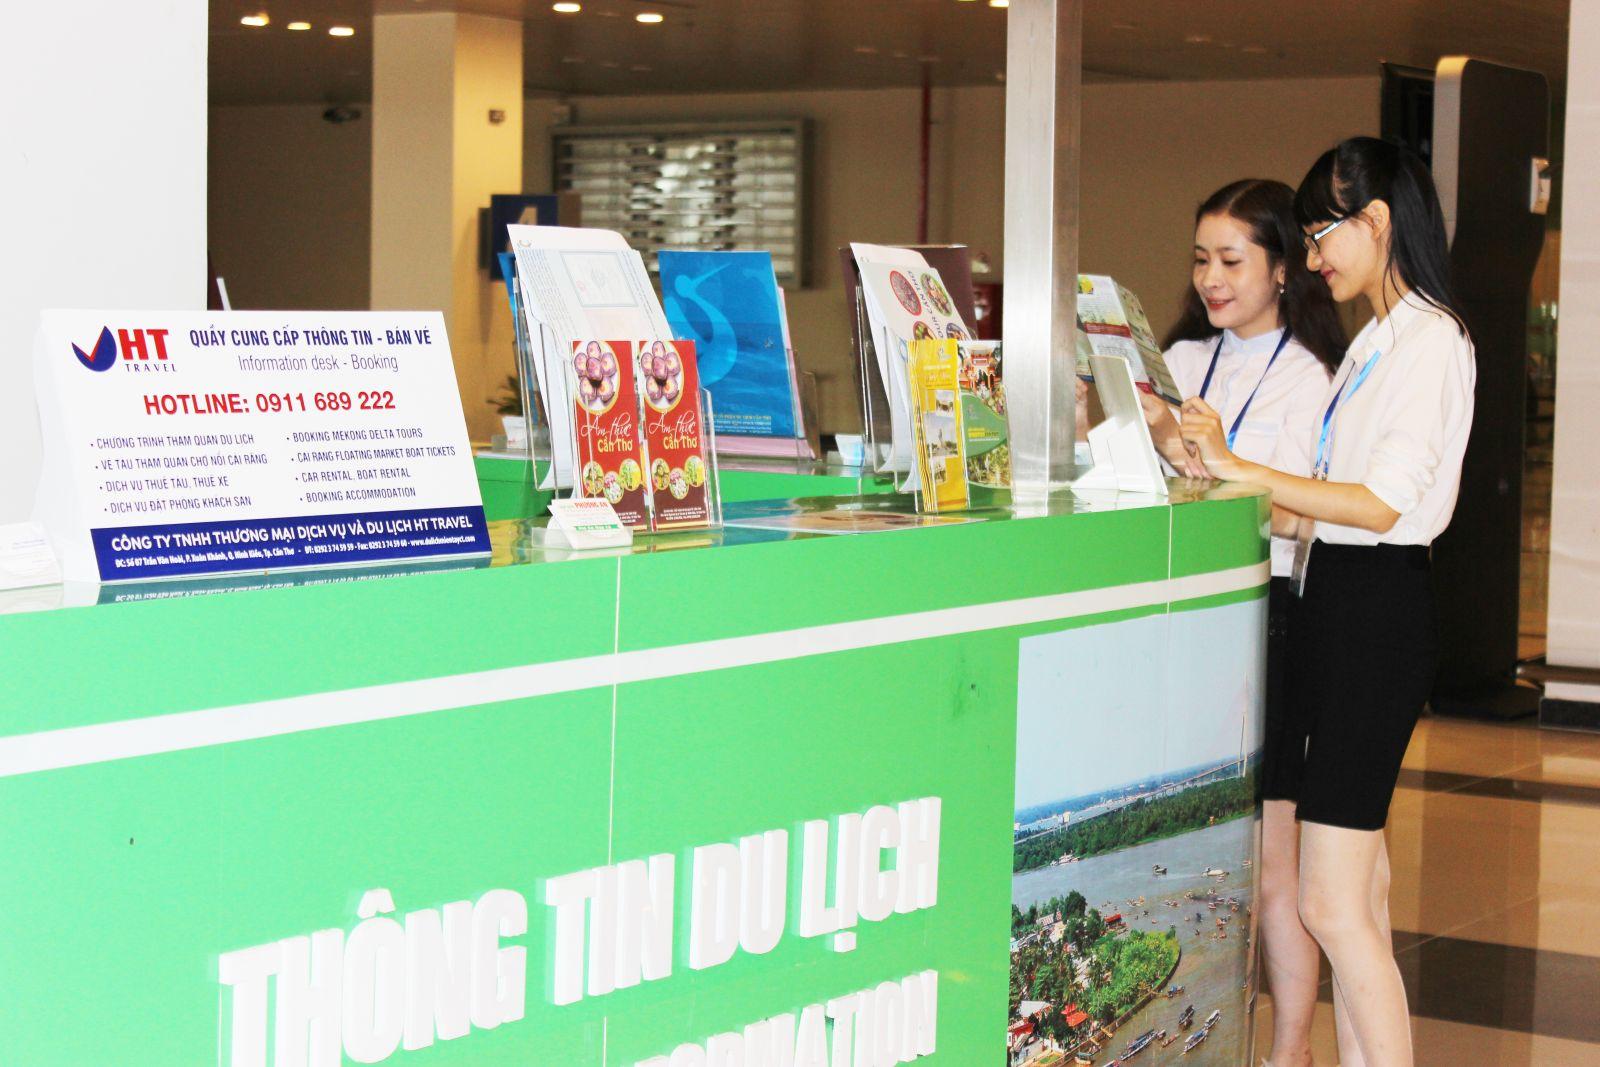 Một quầy trưng bày, giới thiệu sản phẩm du lịch TP Cần Thơ tại Cảng Hàng không Quốc tế Cần Thơ đã hoàn tất.